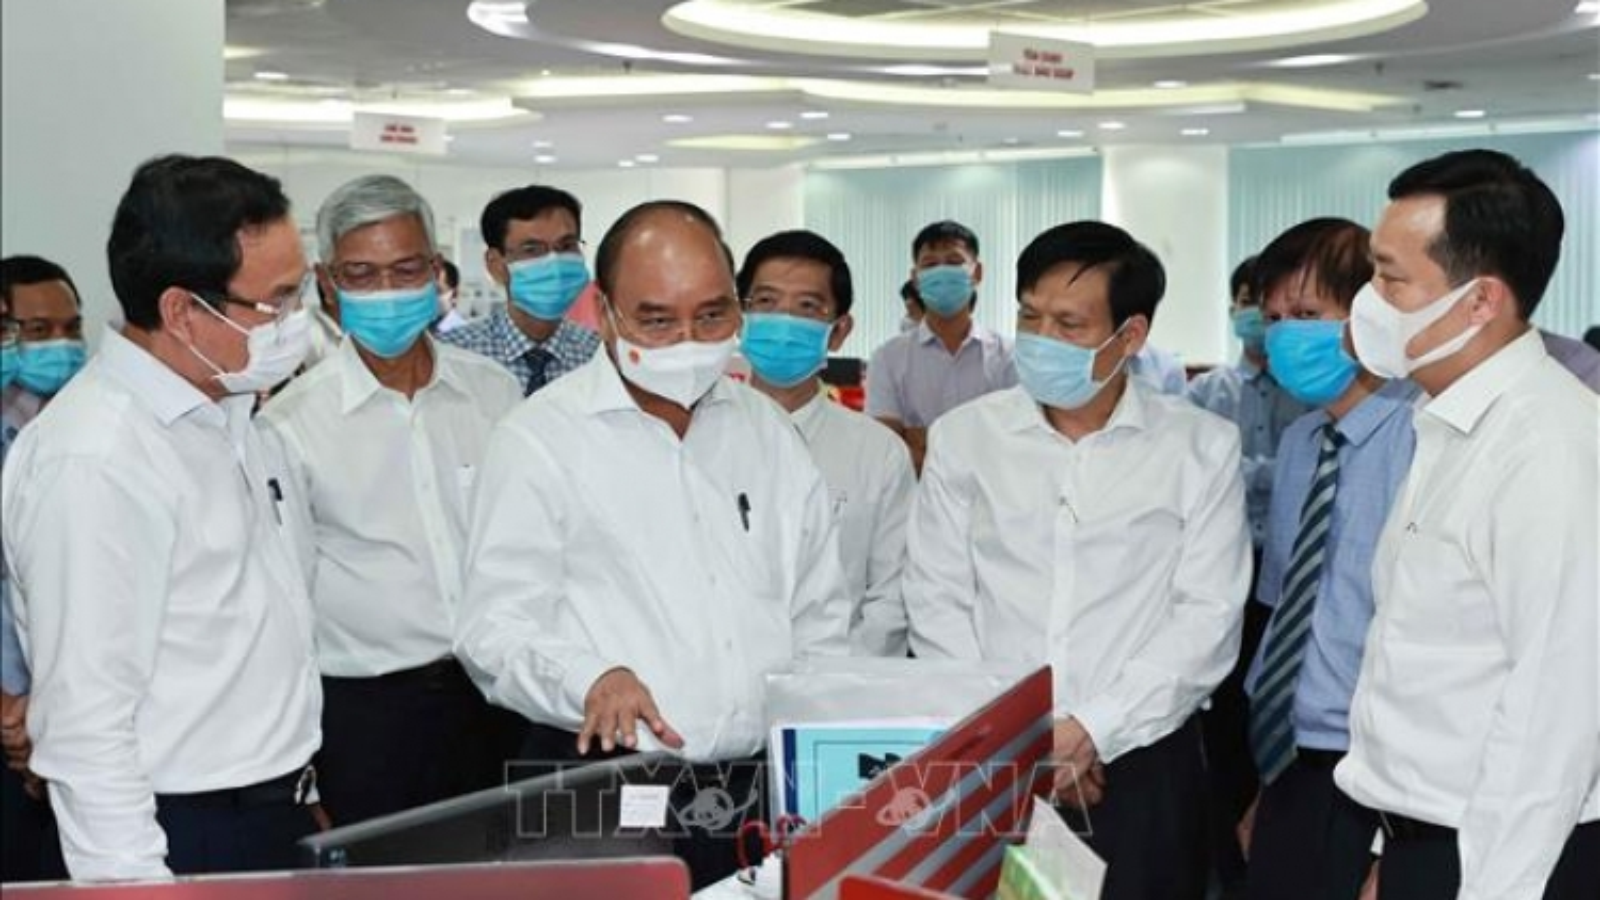 Chủ tịch nước Nguyễn Xuân Phúc thăm một số cơ quan báo chí của Thành phố Hồ Chí Minh